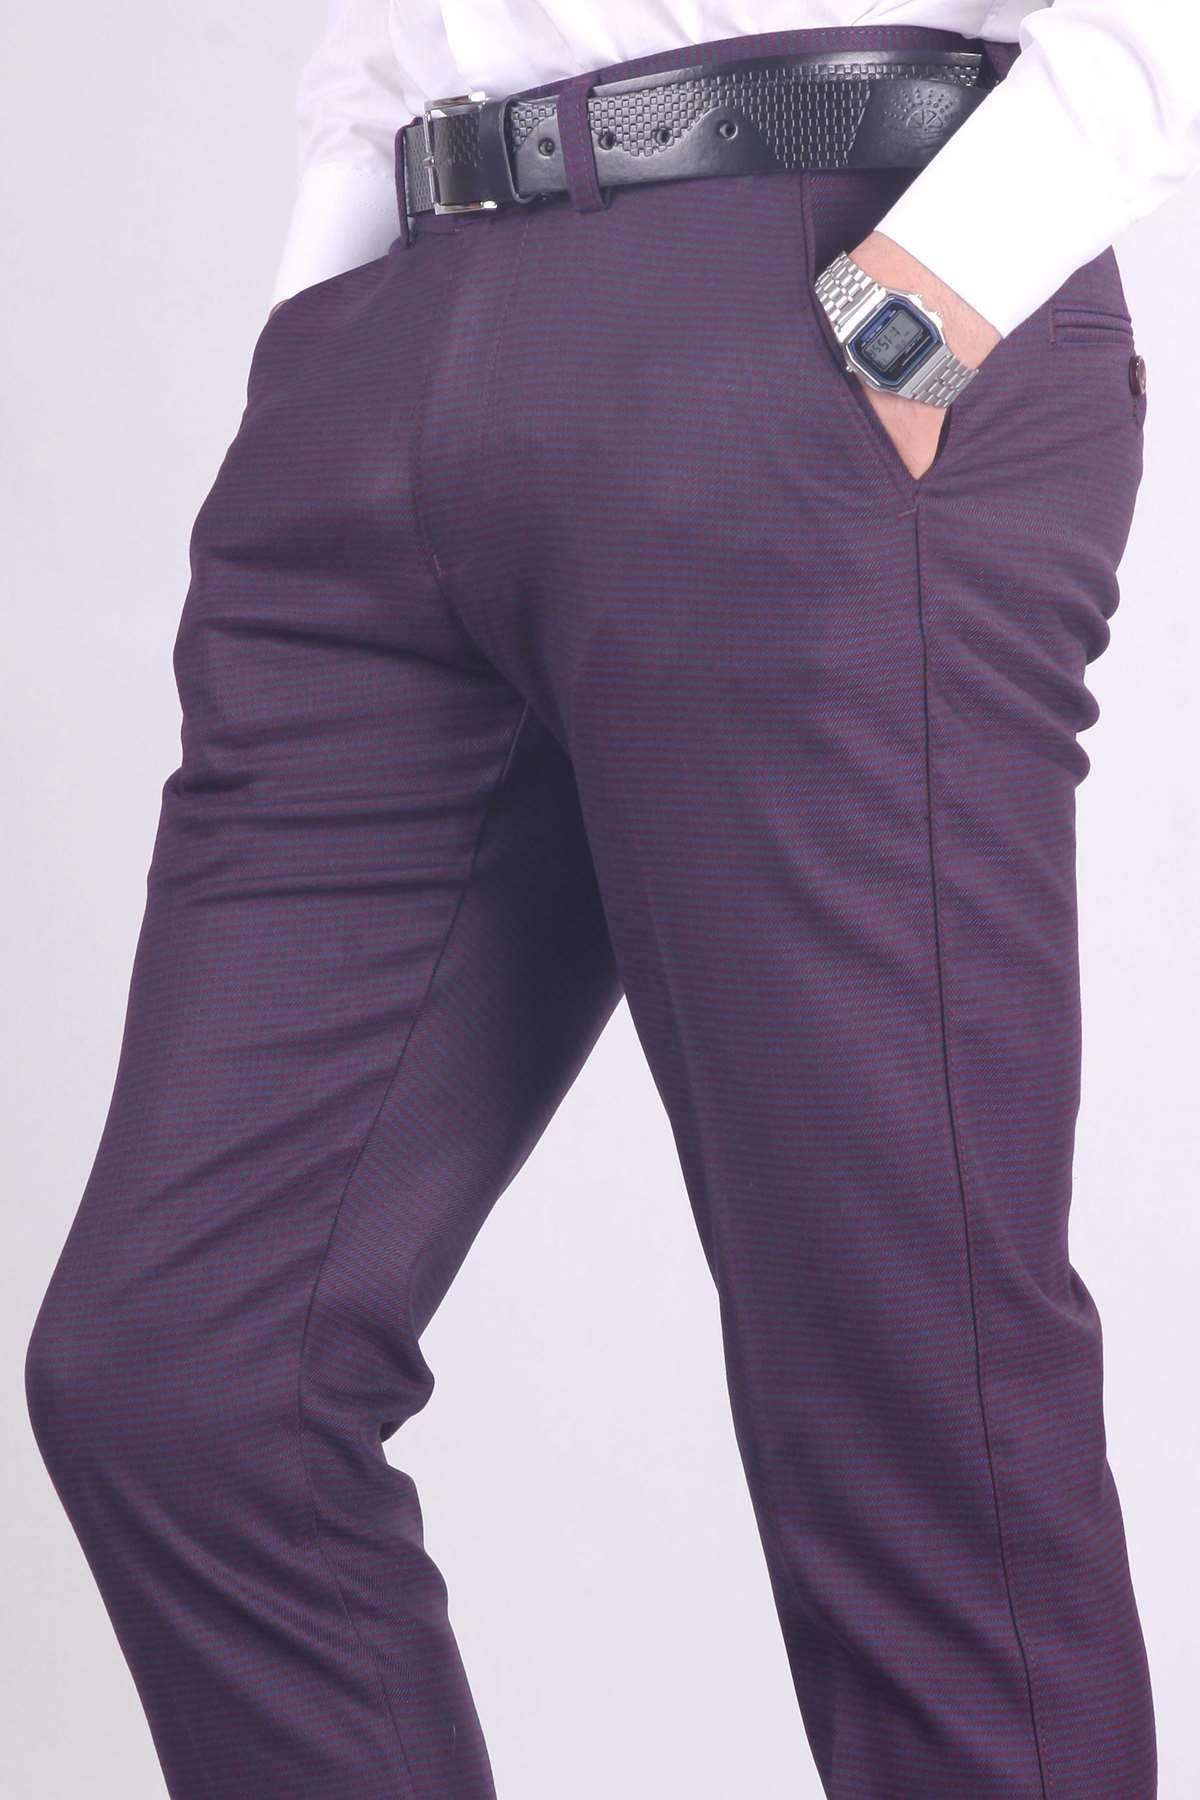 Küçük Kare Desenli Yan Gizli Cepli Slim Fit Pantolon Lacivert-Bordo